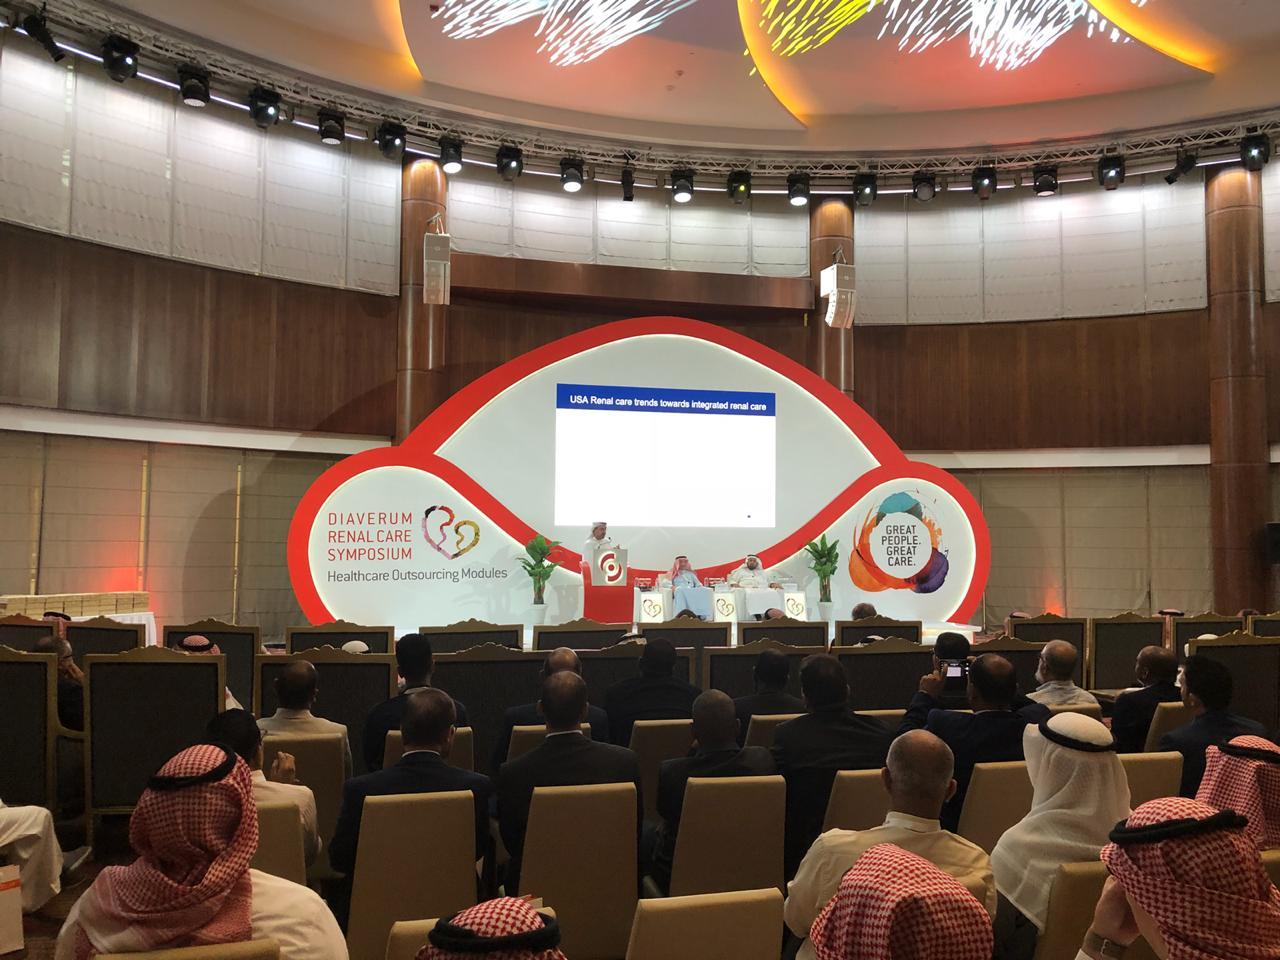 """اختتام فعاليات لقاء """"خصخصة خدمات رعاية الكلى"""" في الرياض"""